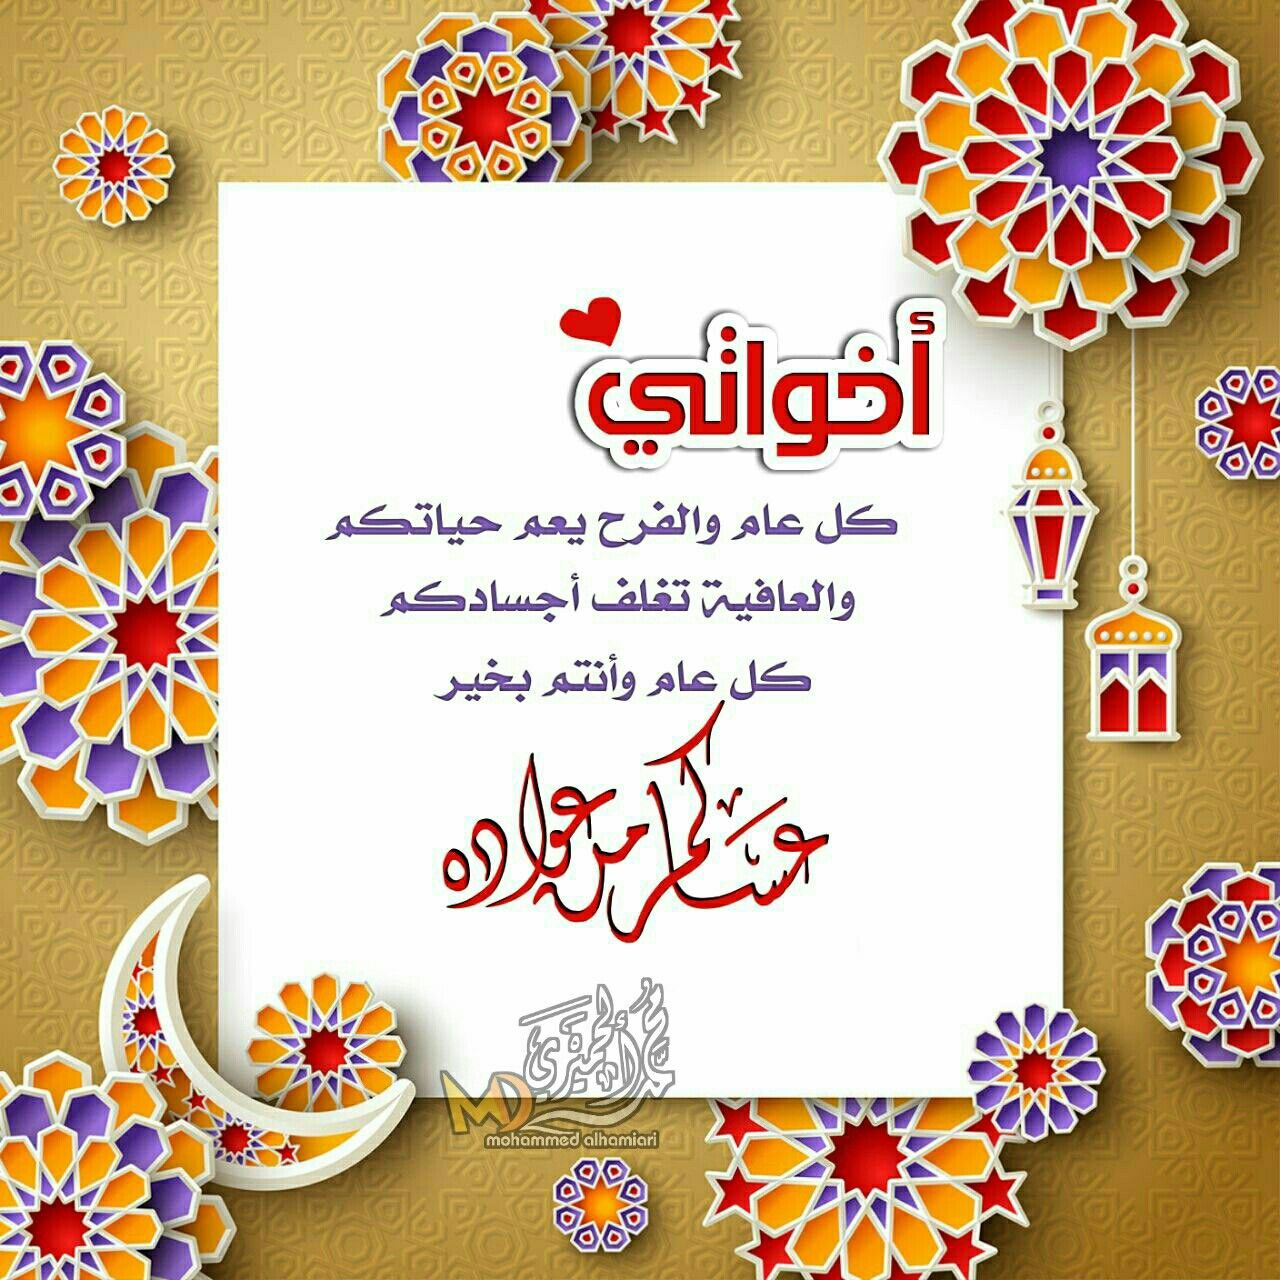 تهاني العيد Eid Cards Eid Mubarek Cards